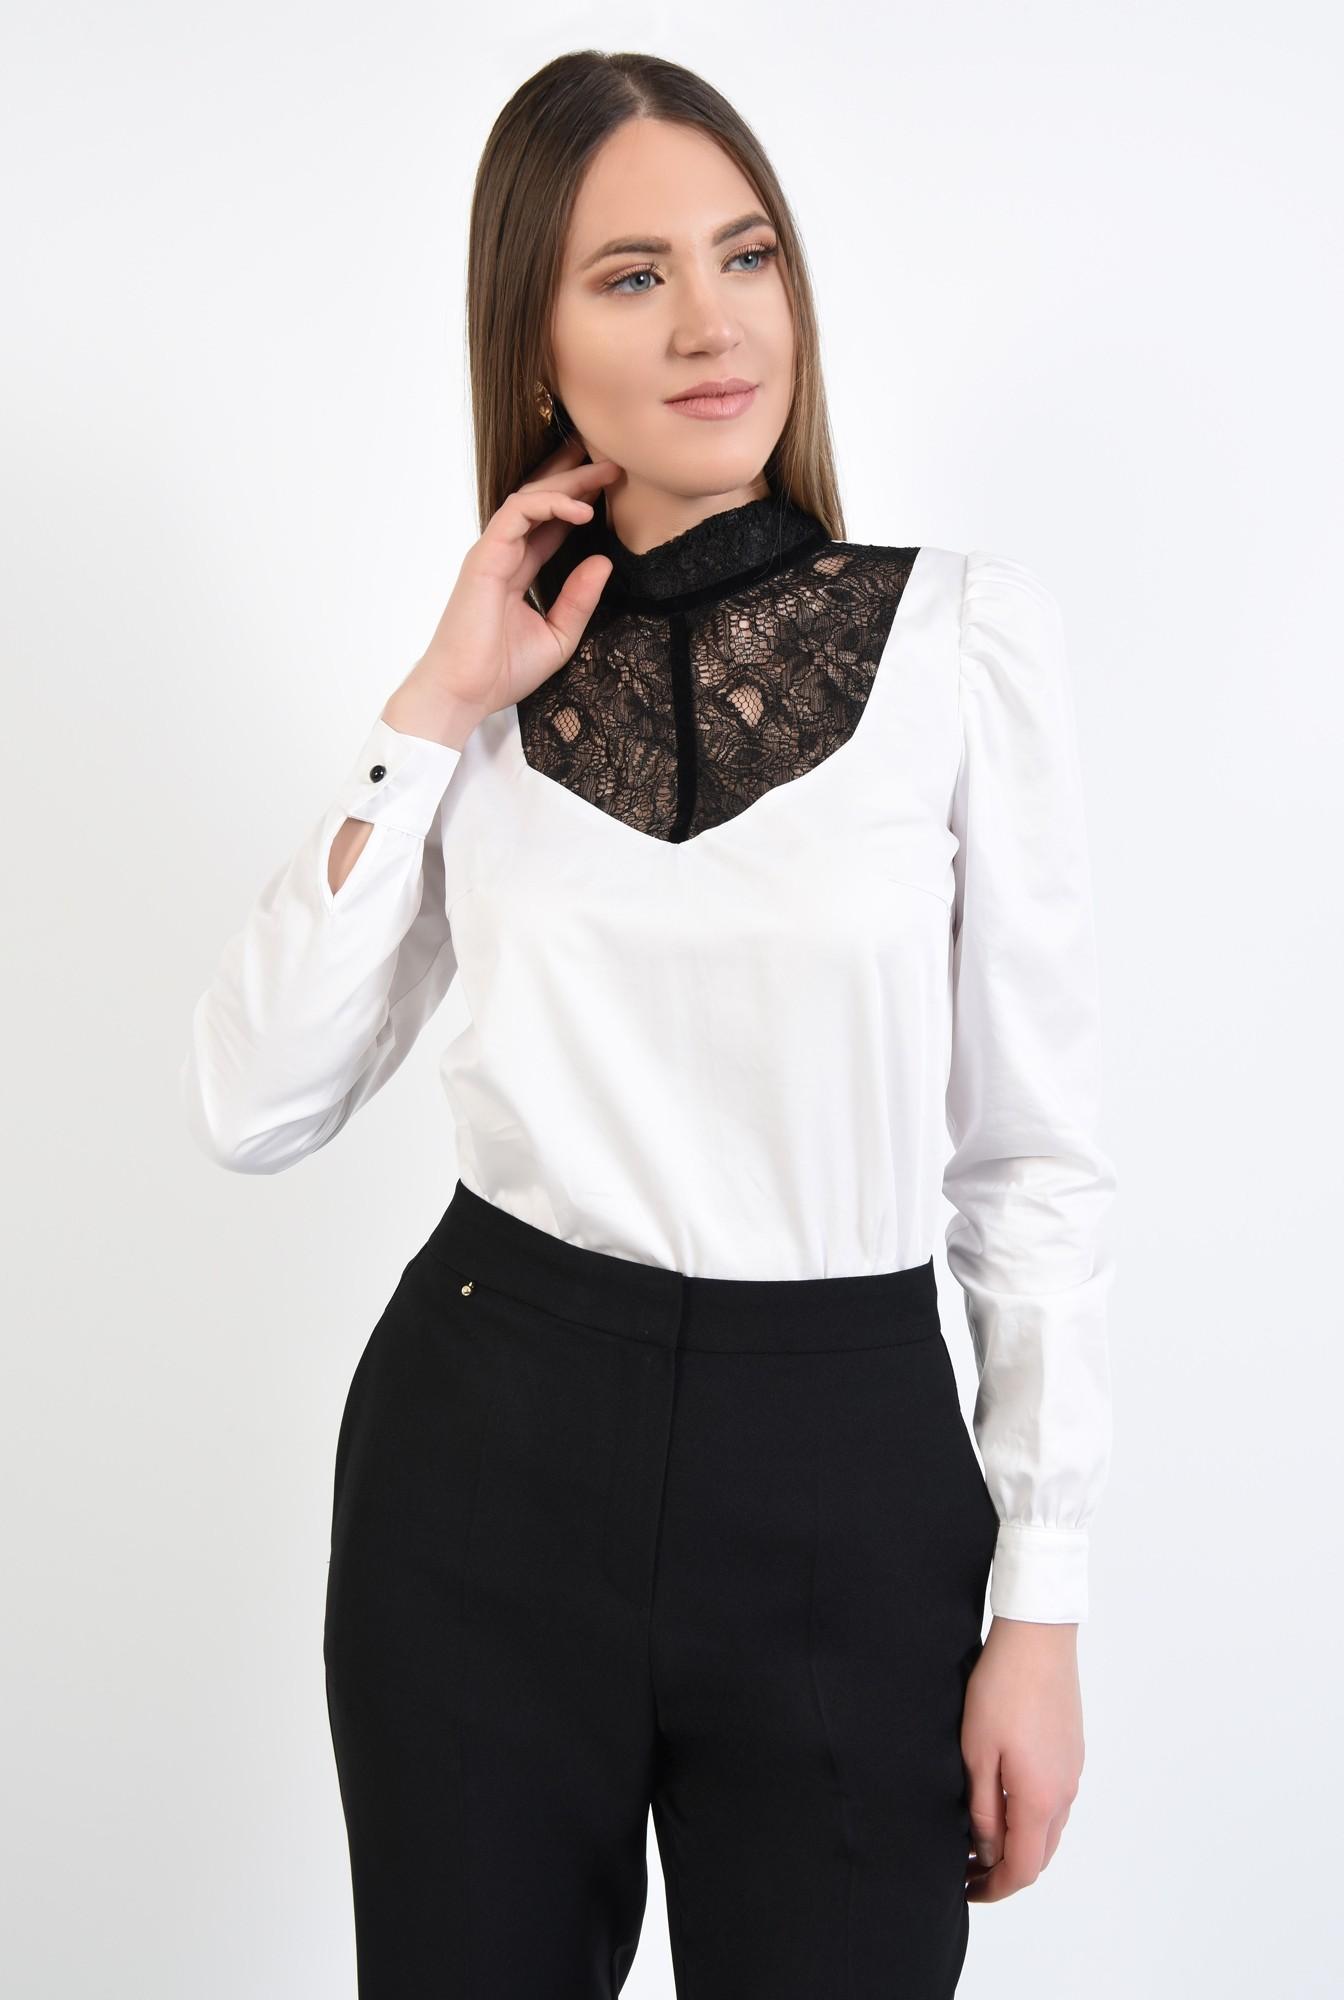 0 - 360 - bluze online, bluza dama, bumbac, maneci lungi